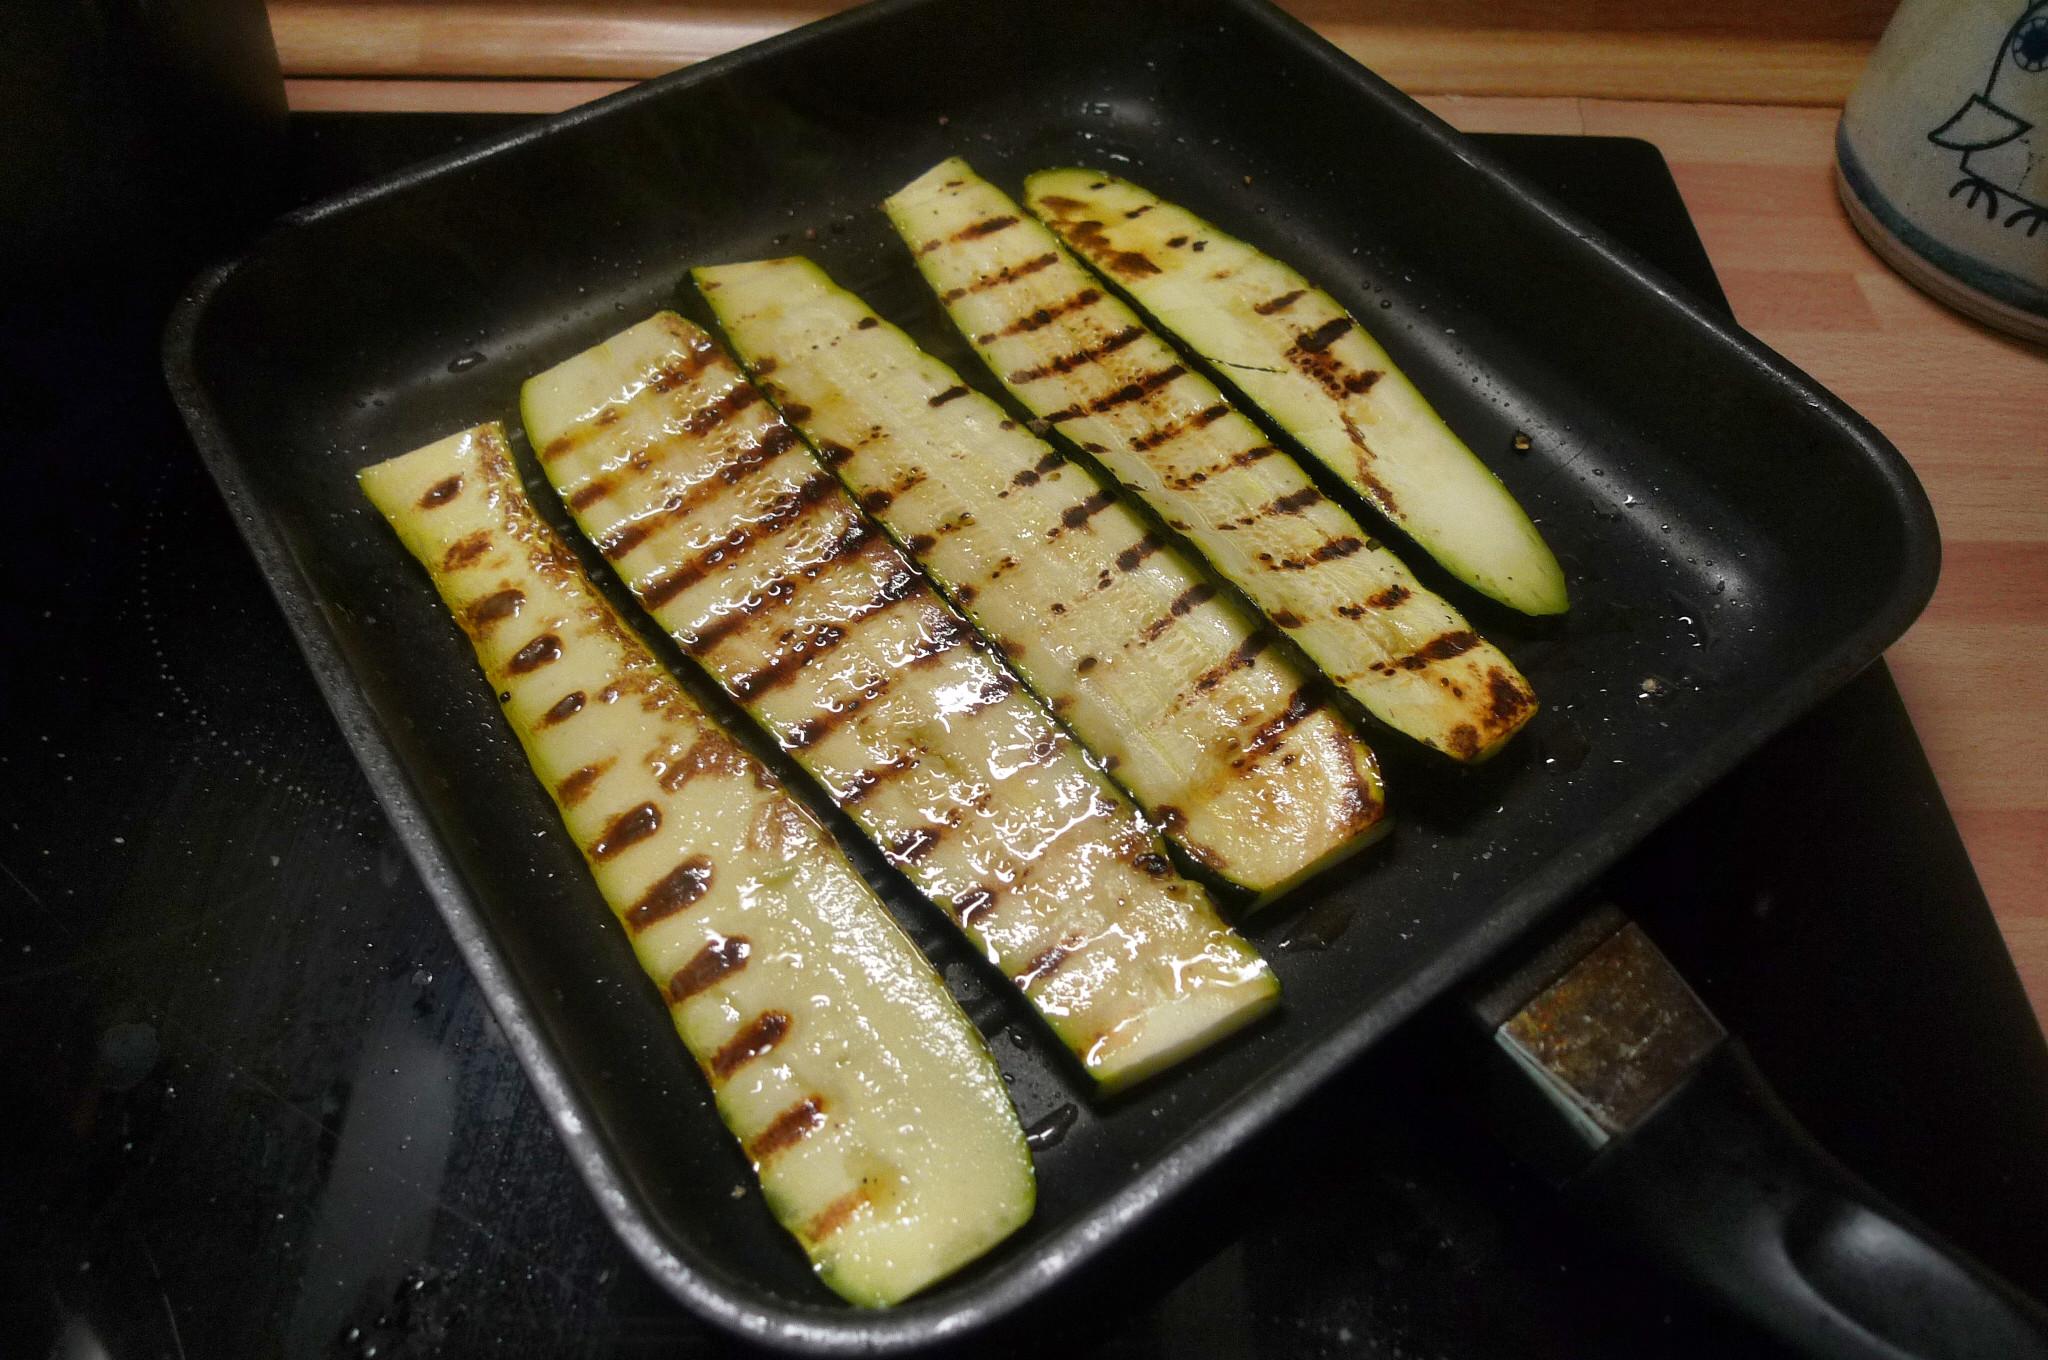 Bratkartoffel,Salat,Spiegelei,Dip,Zucchini - 13.5.15   (10)